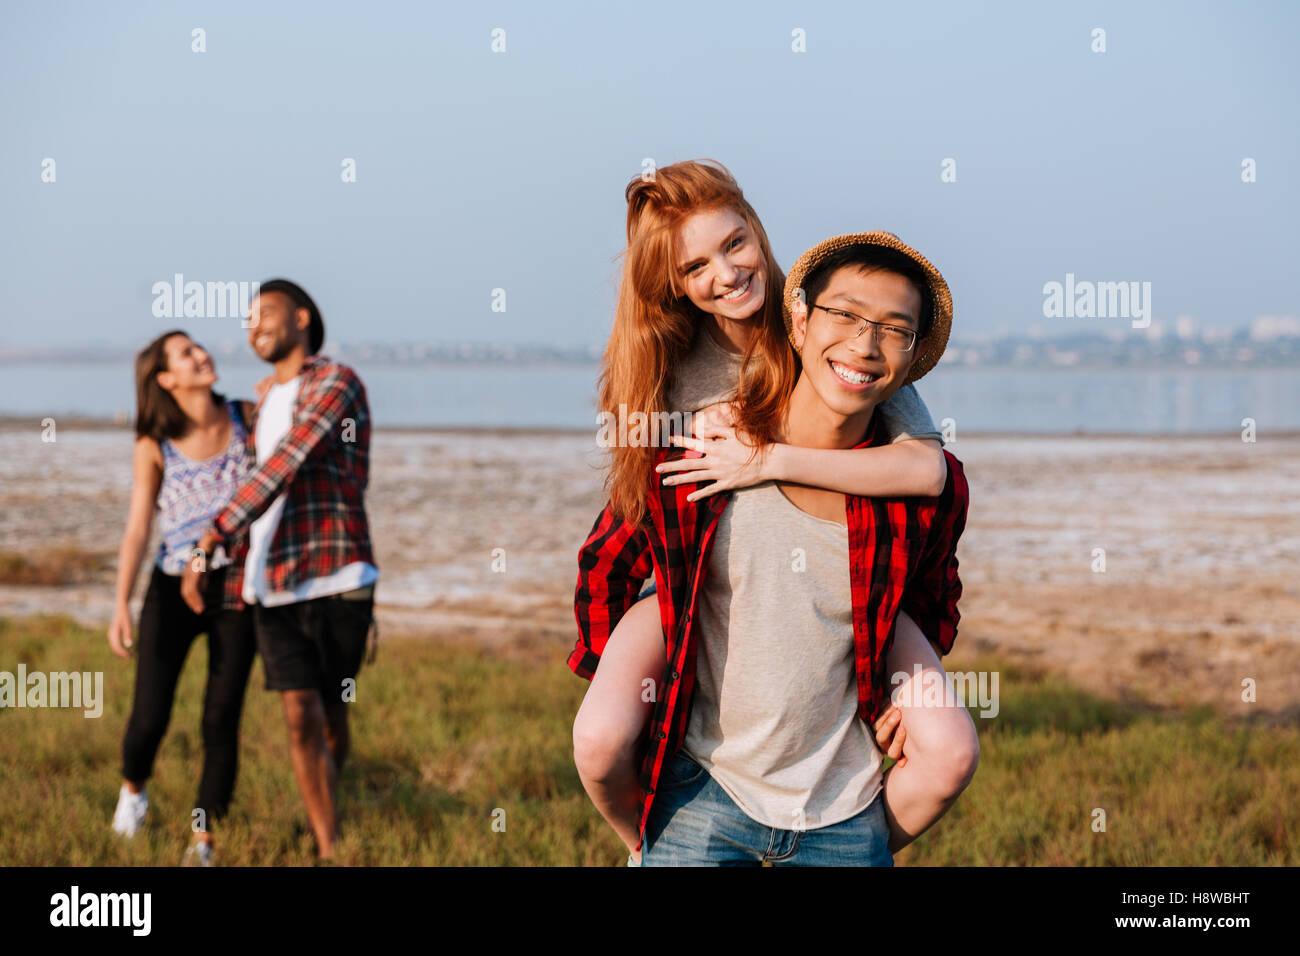 Deux jeunes couples multiethniques heureux de s'amuser en plein air Photo Stock